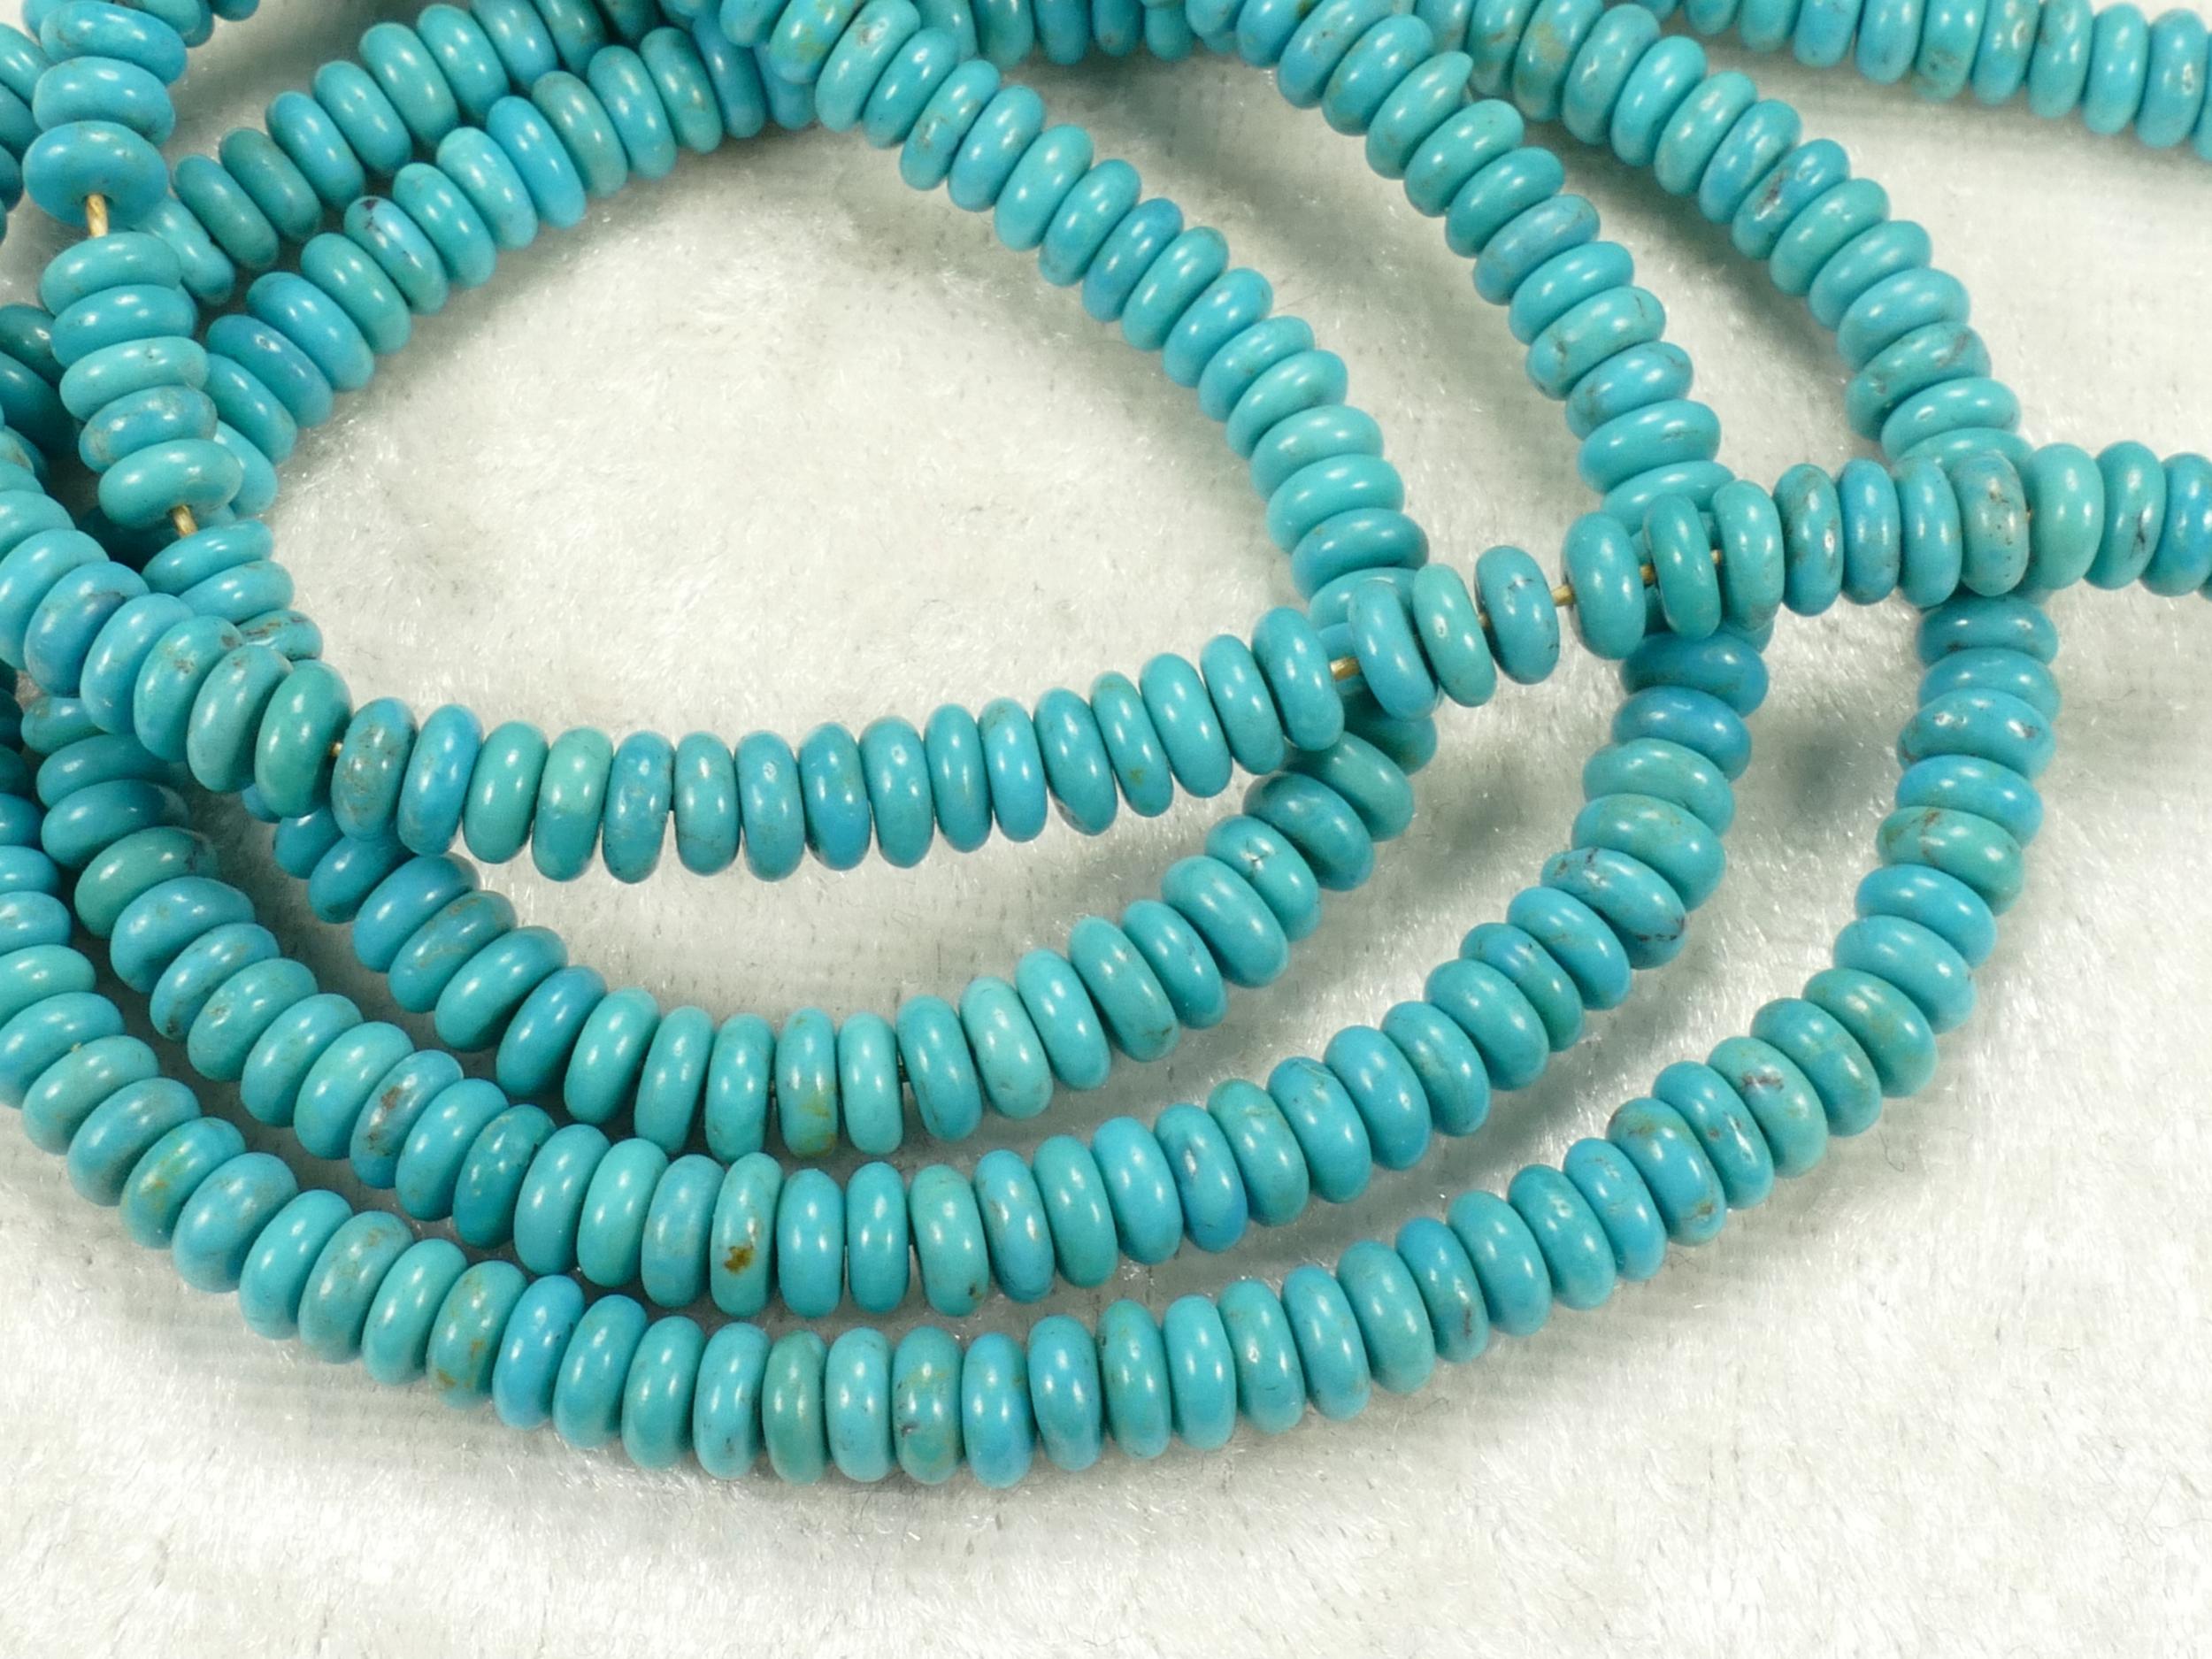 4.5/4.8mm Perle de Turquoise vert / bleu naturelle de Chine en rondelle lisse x5cm (1.96inch) (#AC477)